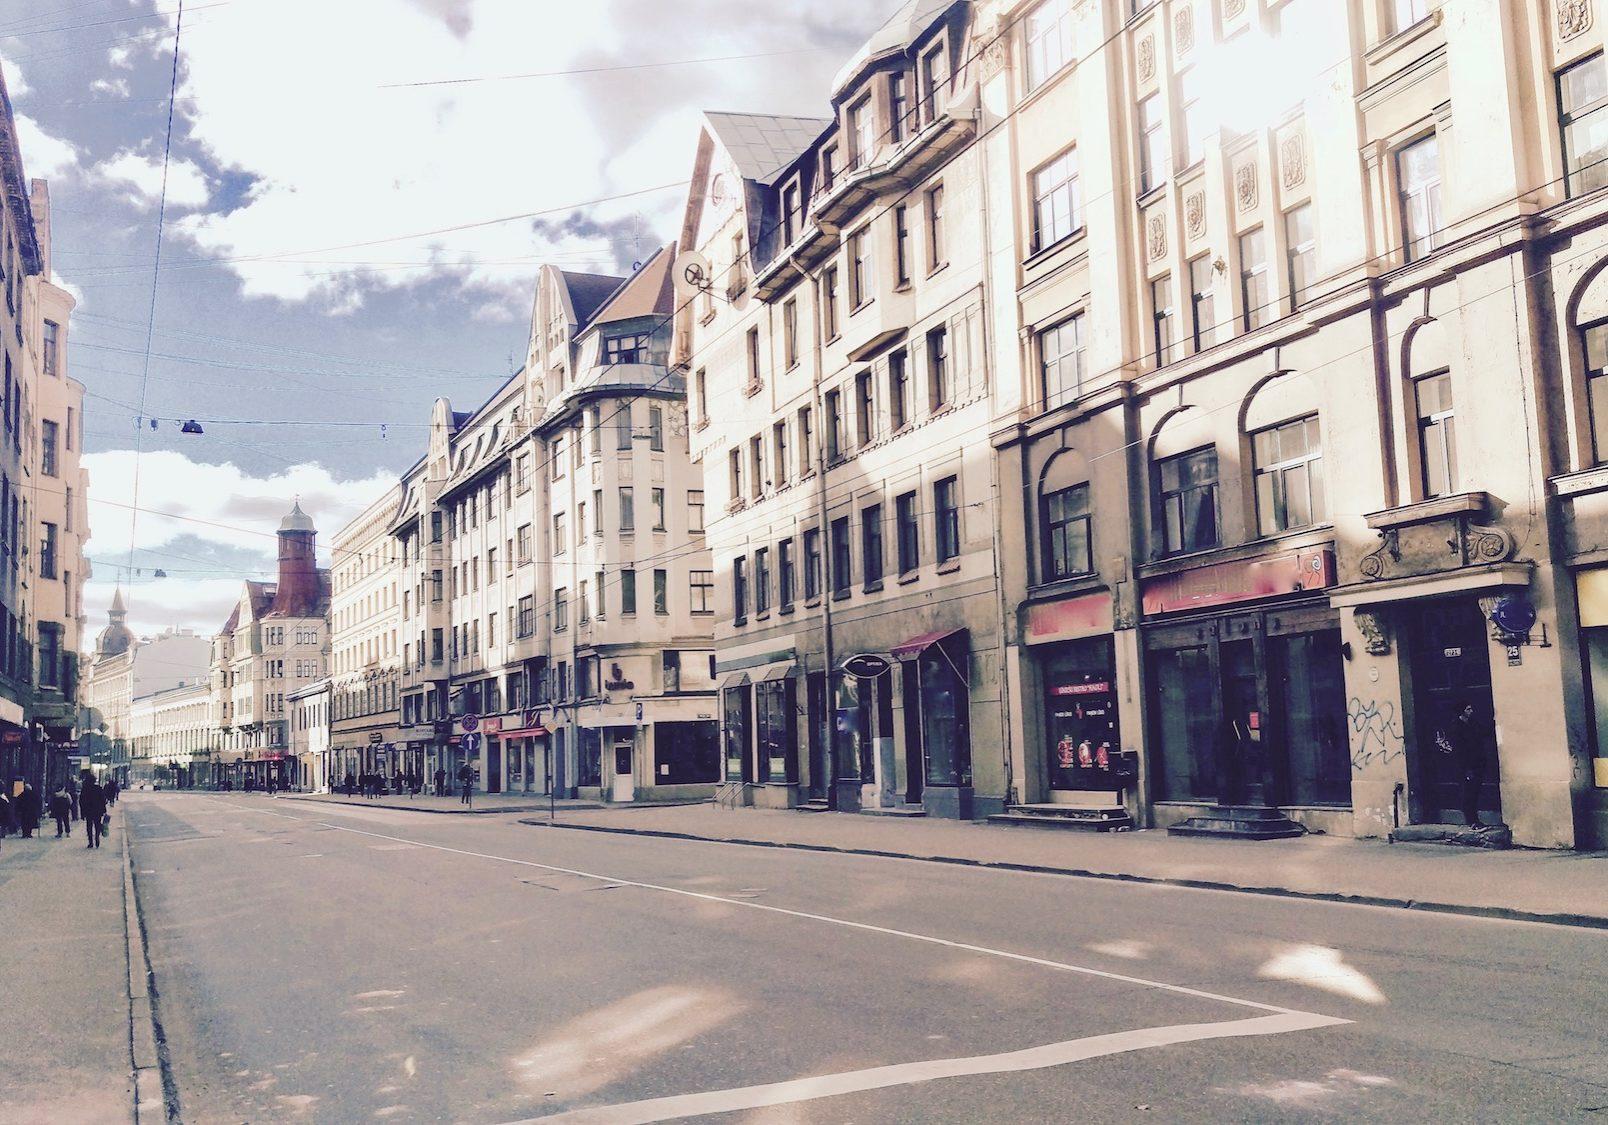 Aleksandra Čaka Street stretches 2.7 km